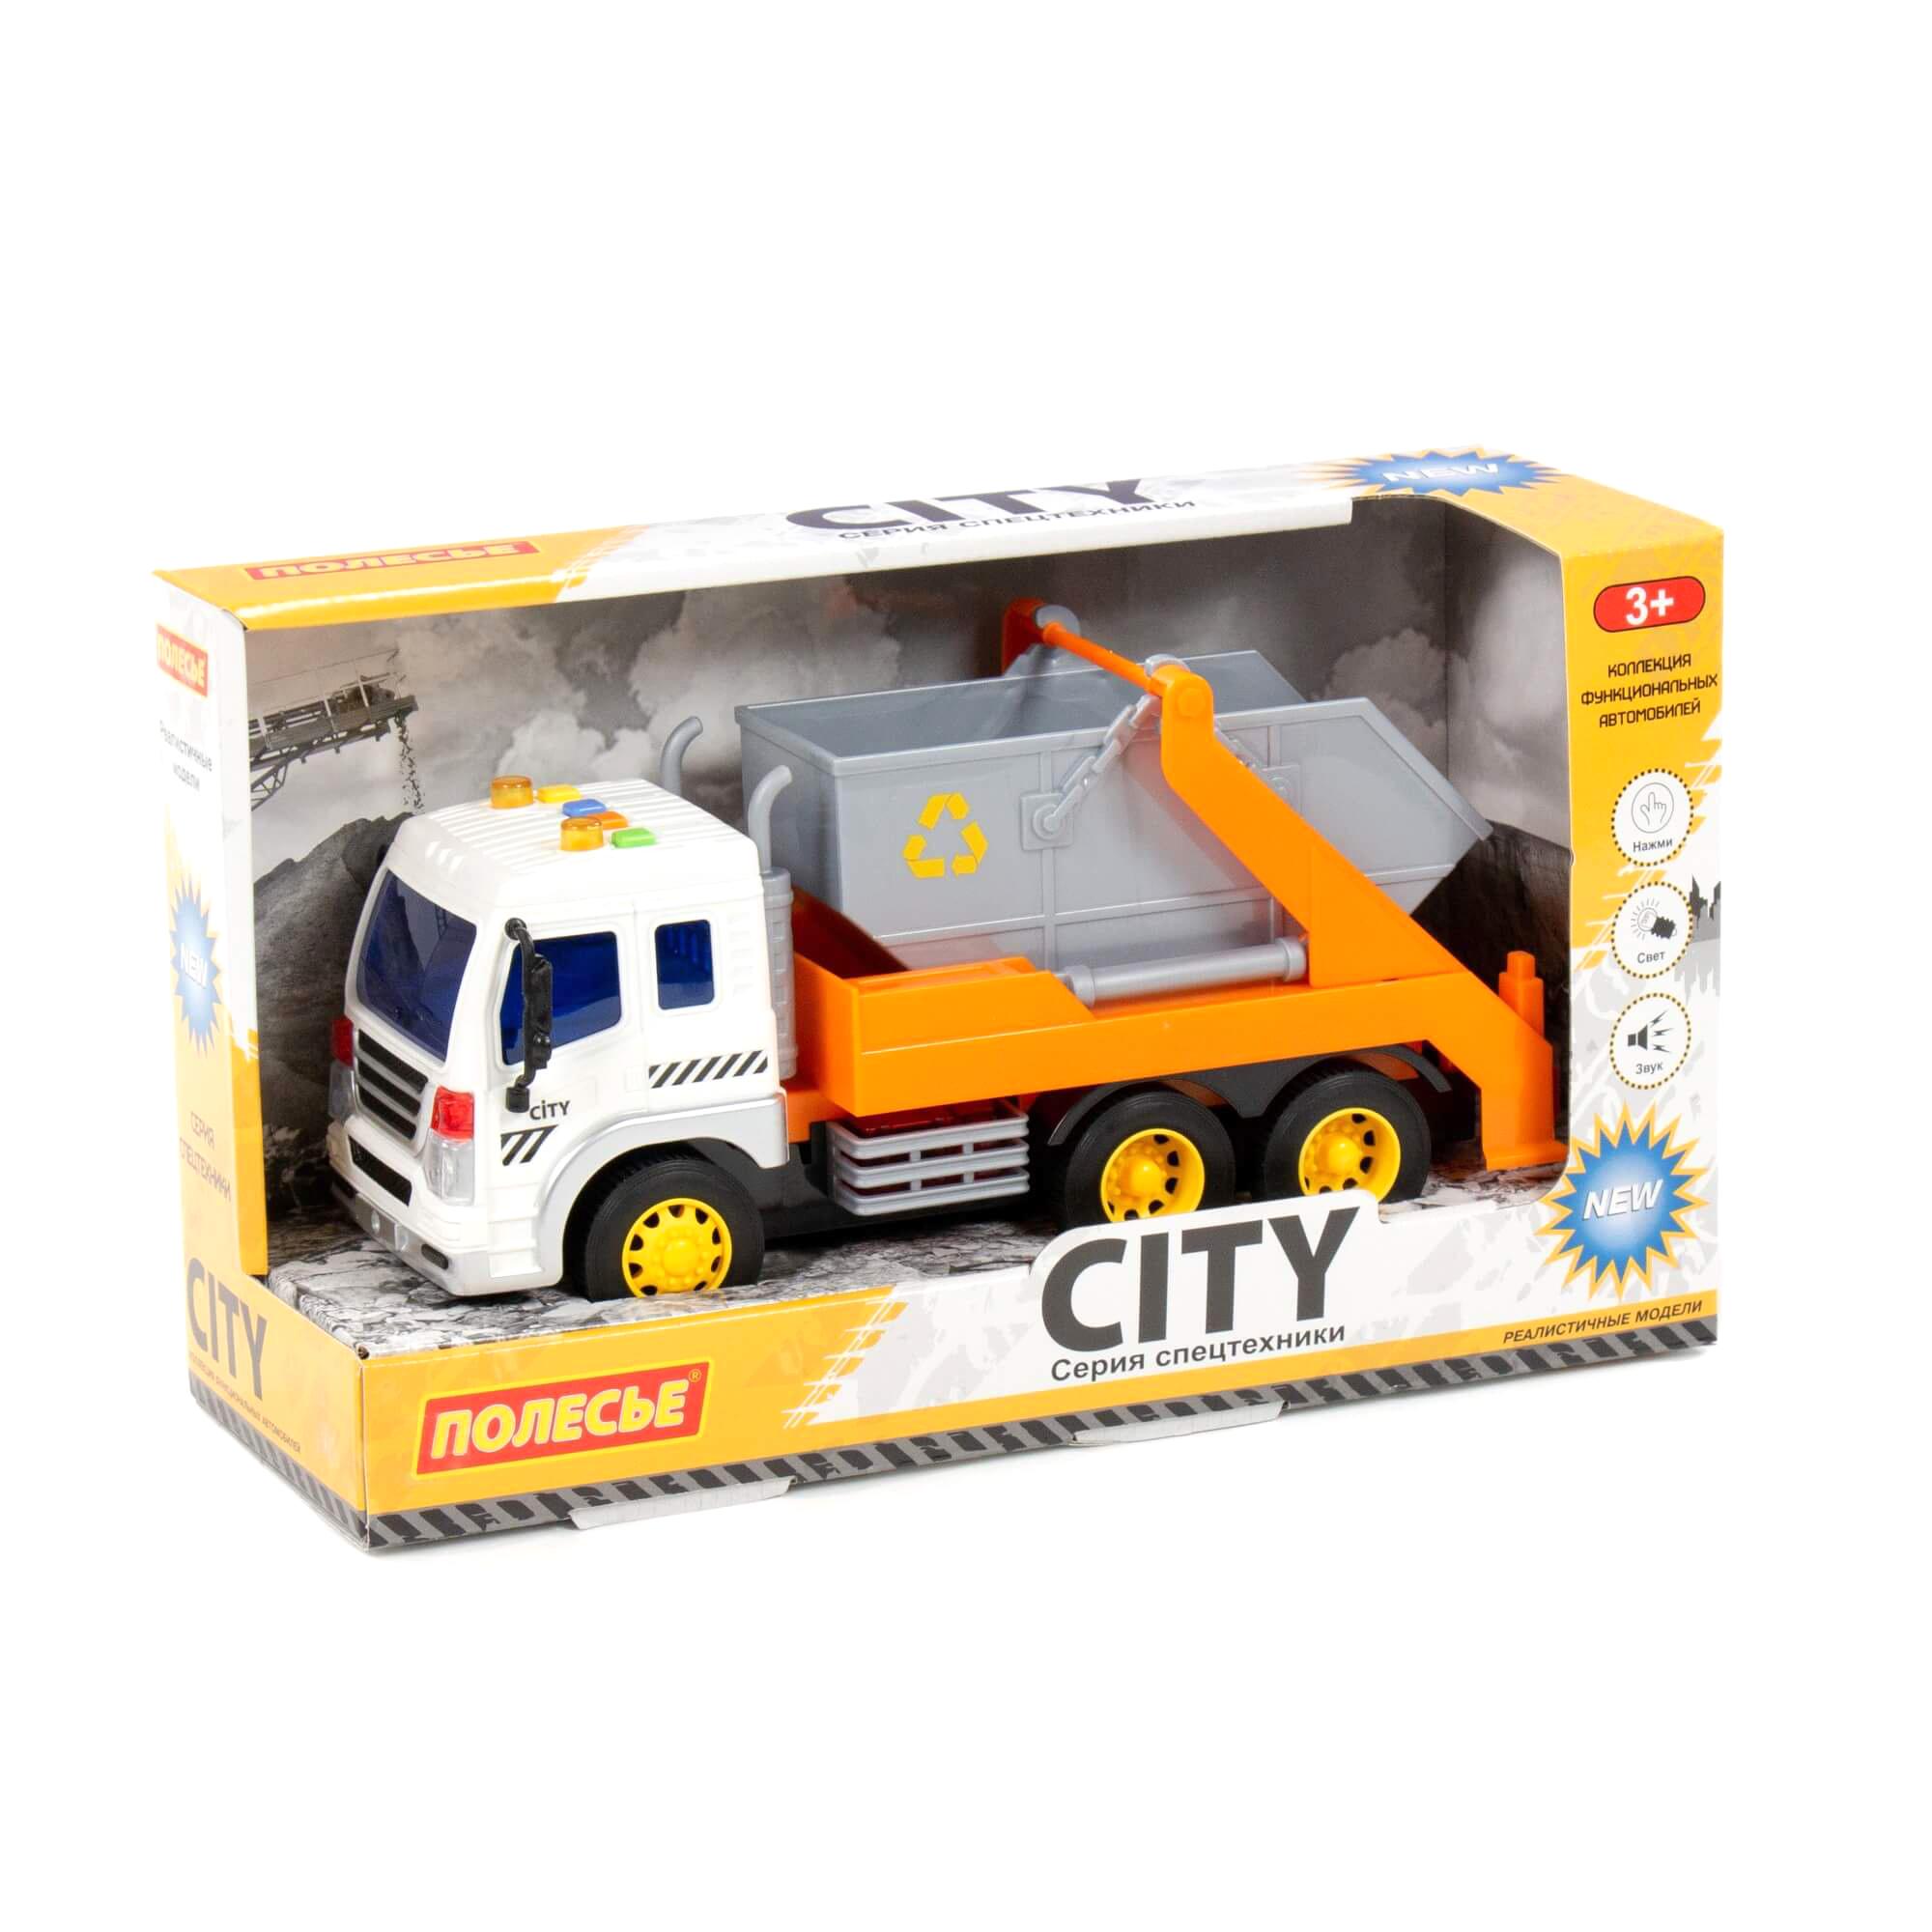 Купить Автомобиль-контейнеровоз Сити, инерционный, оранжевый (со светом и звуком) Полесье,